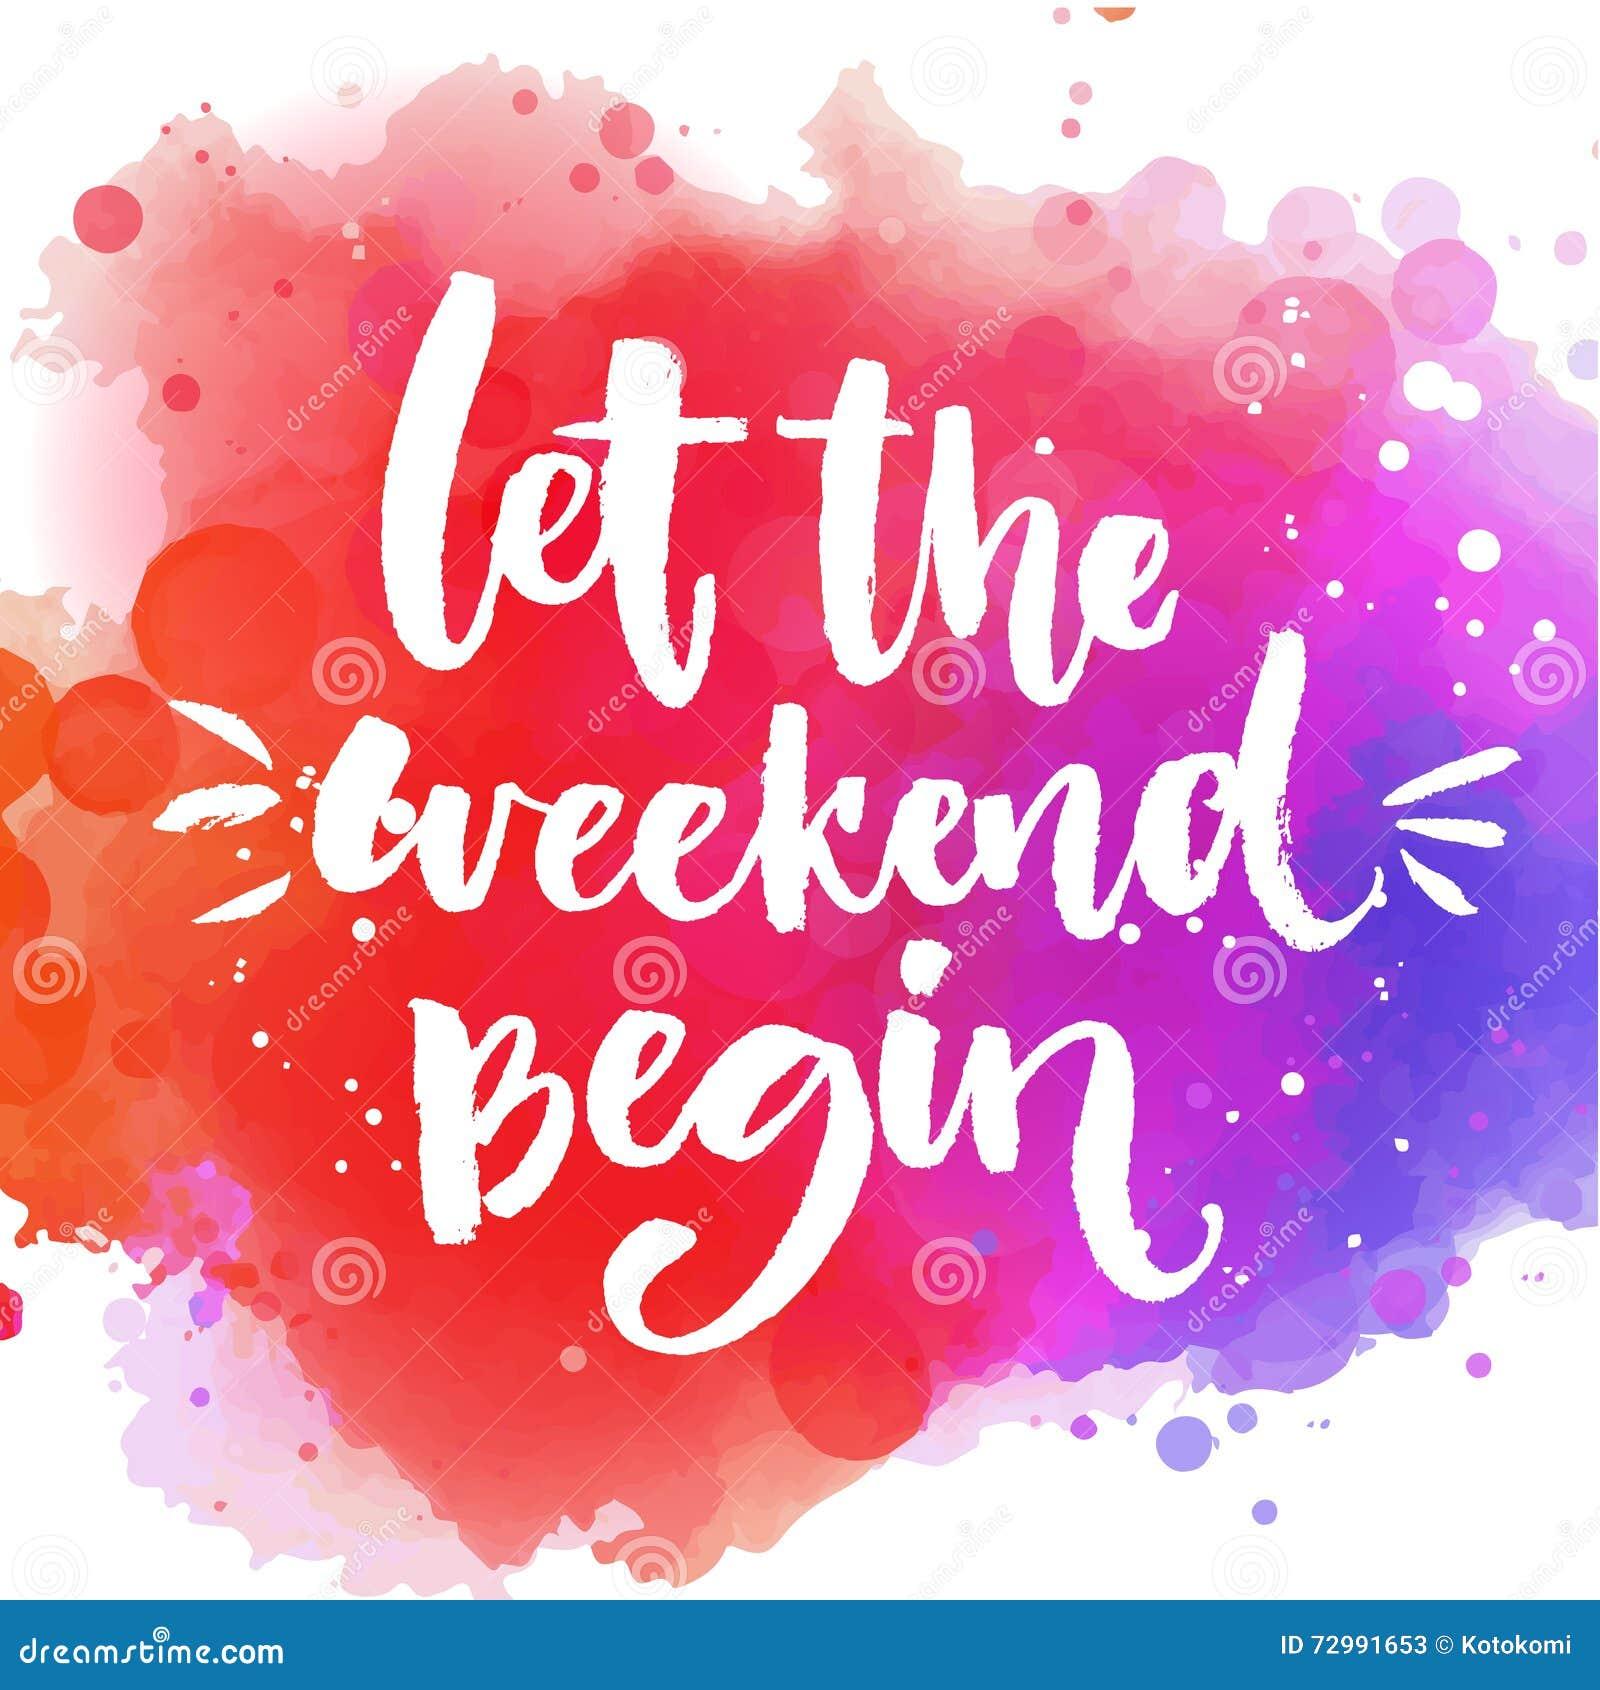 Let The Weekend Begin Fun Saying About Week Ending Office